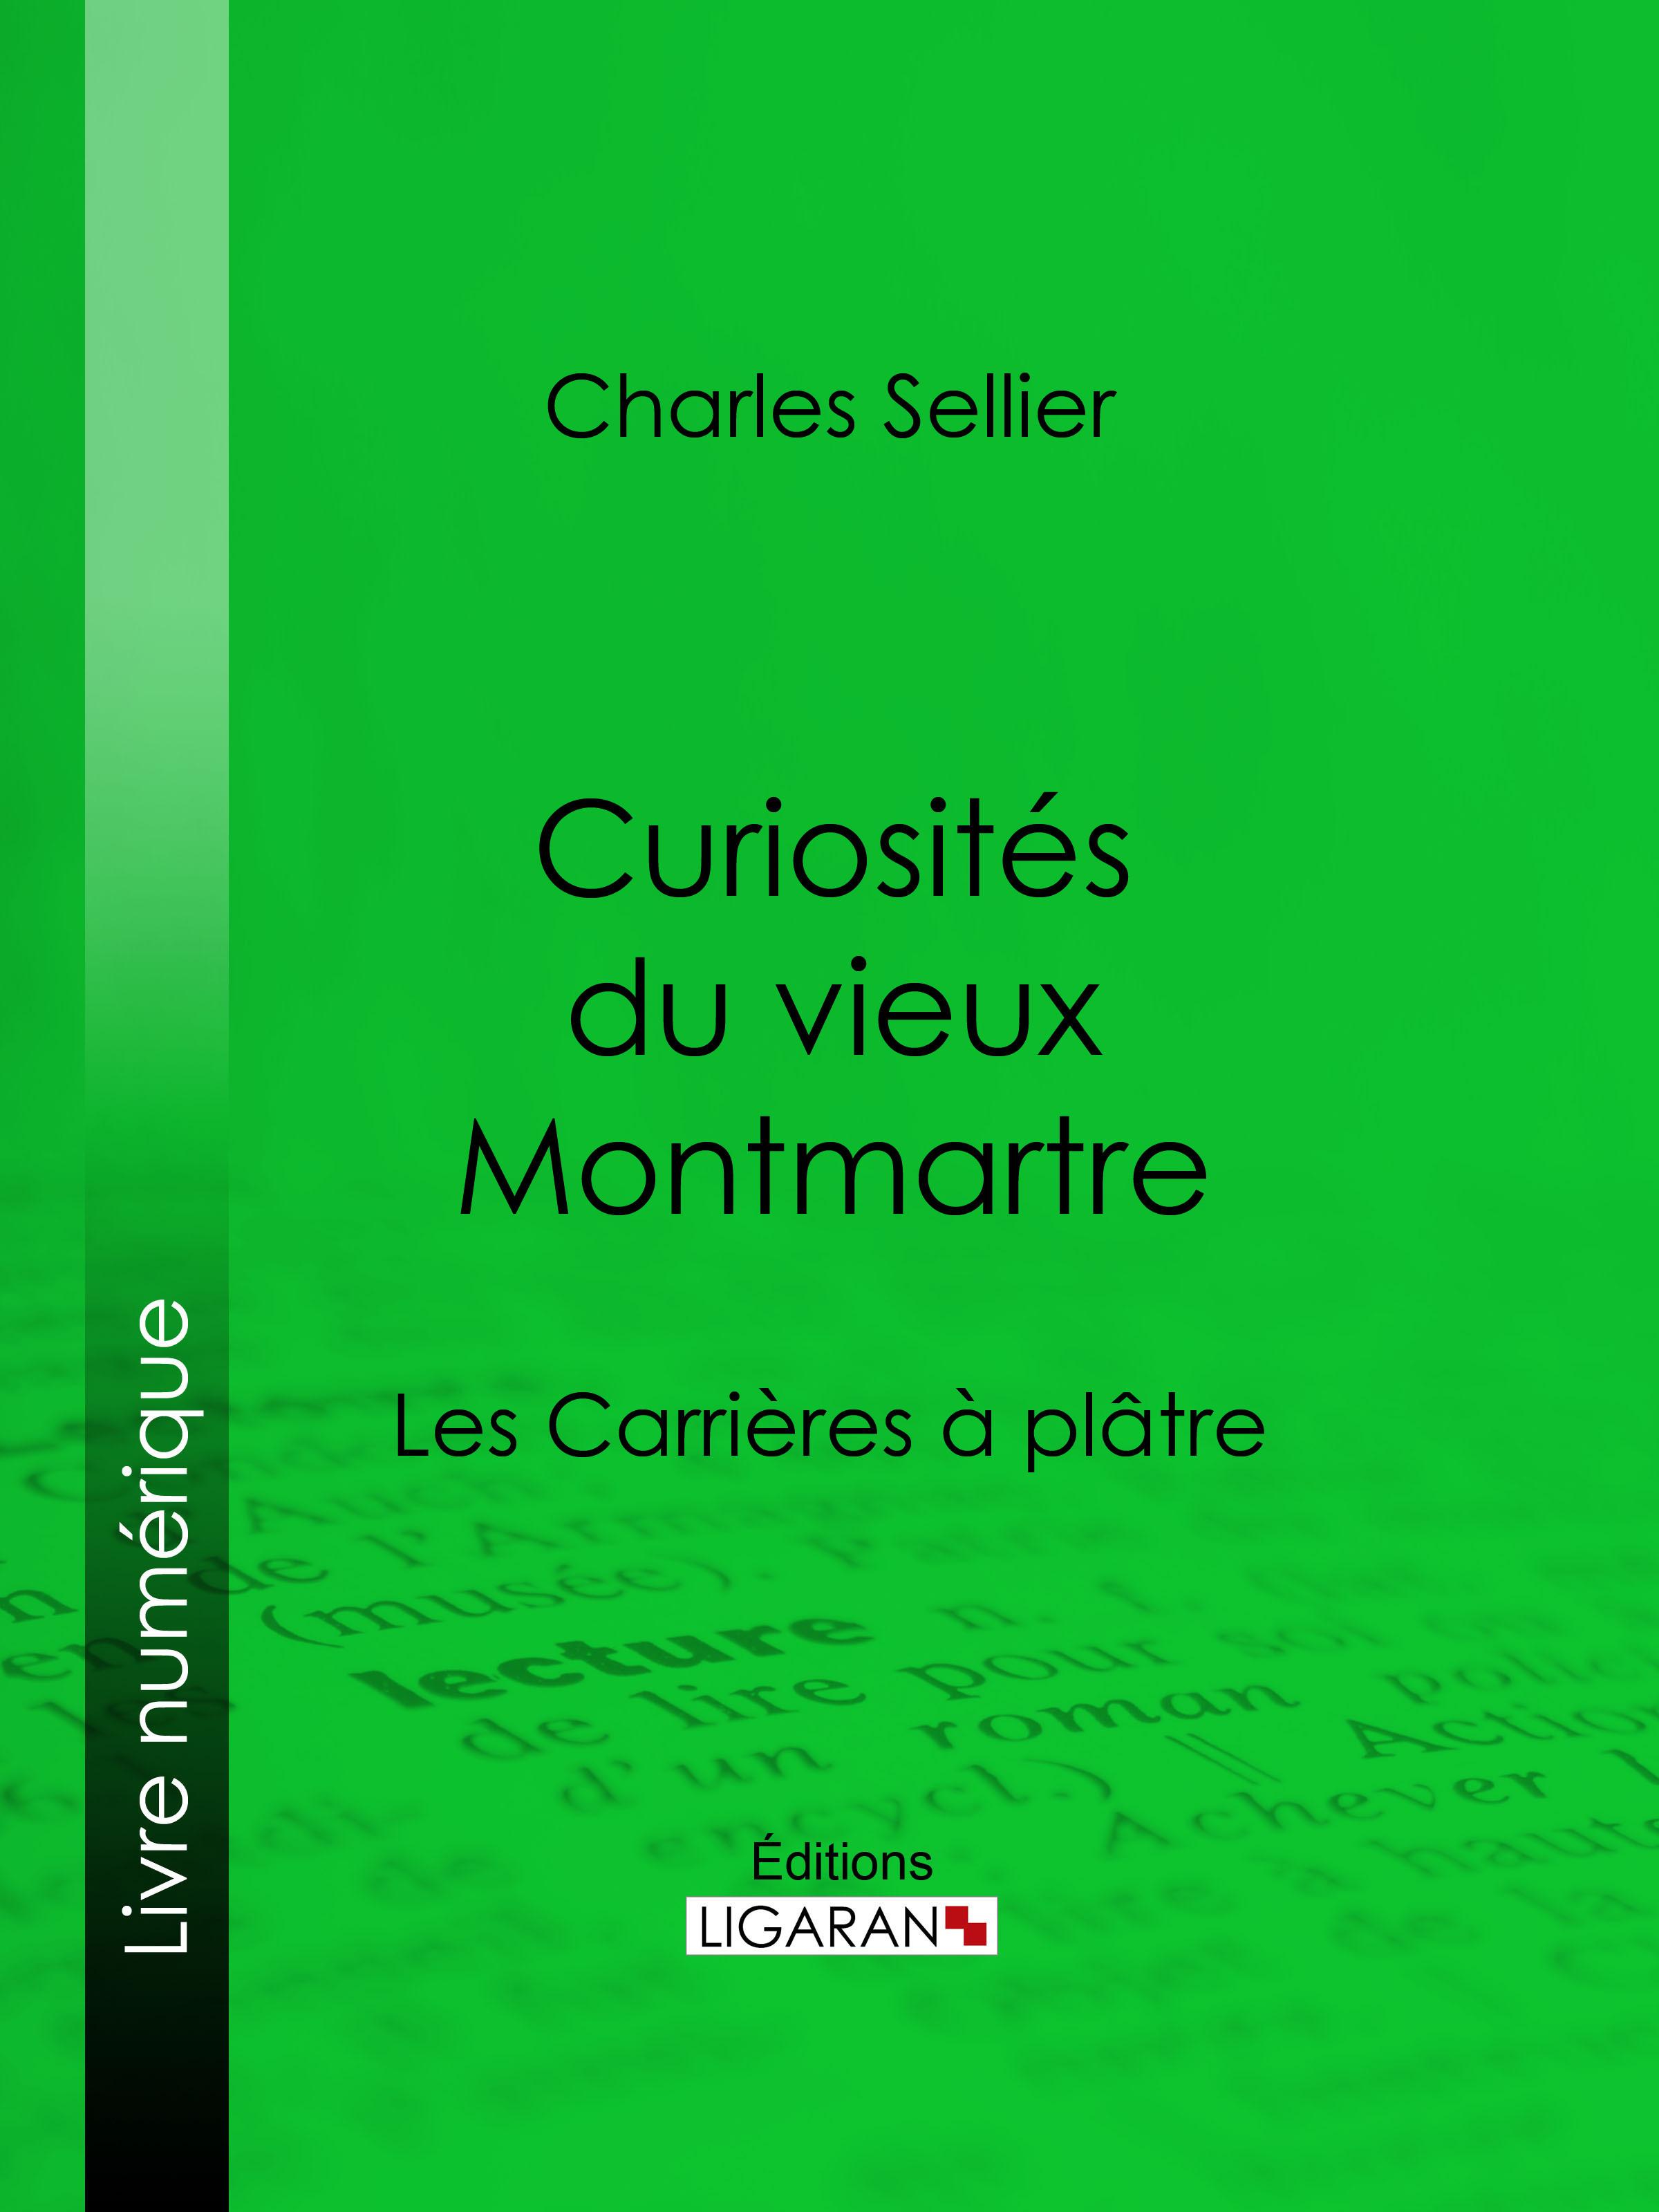 Curiosités du vieux Montmartre